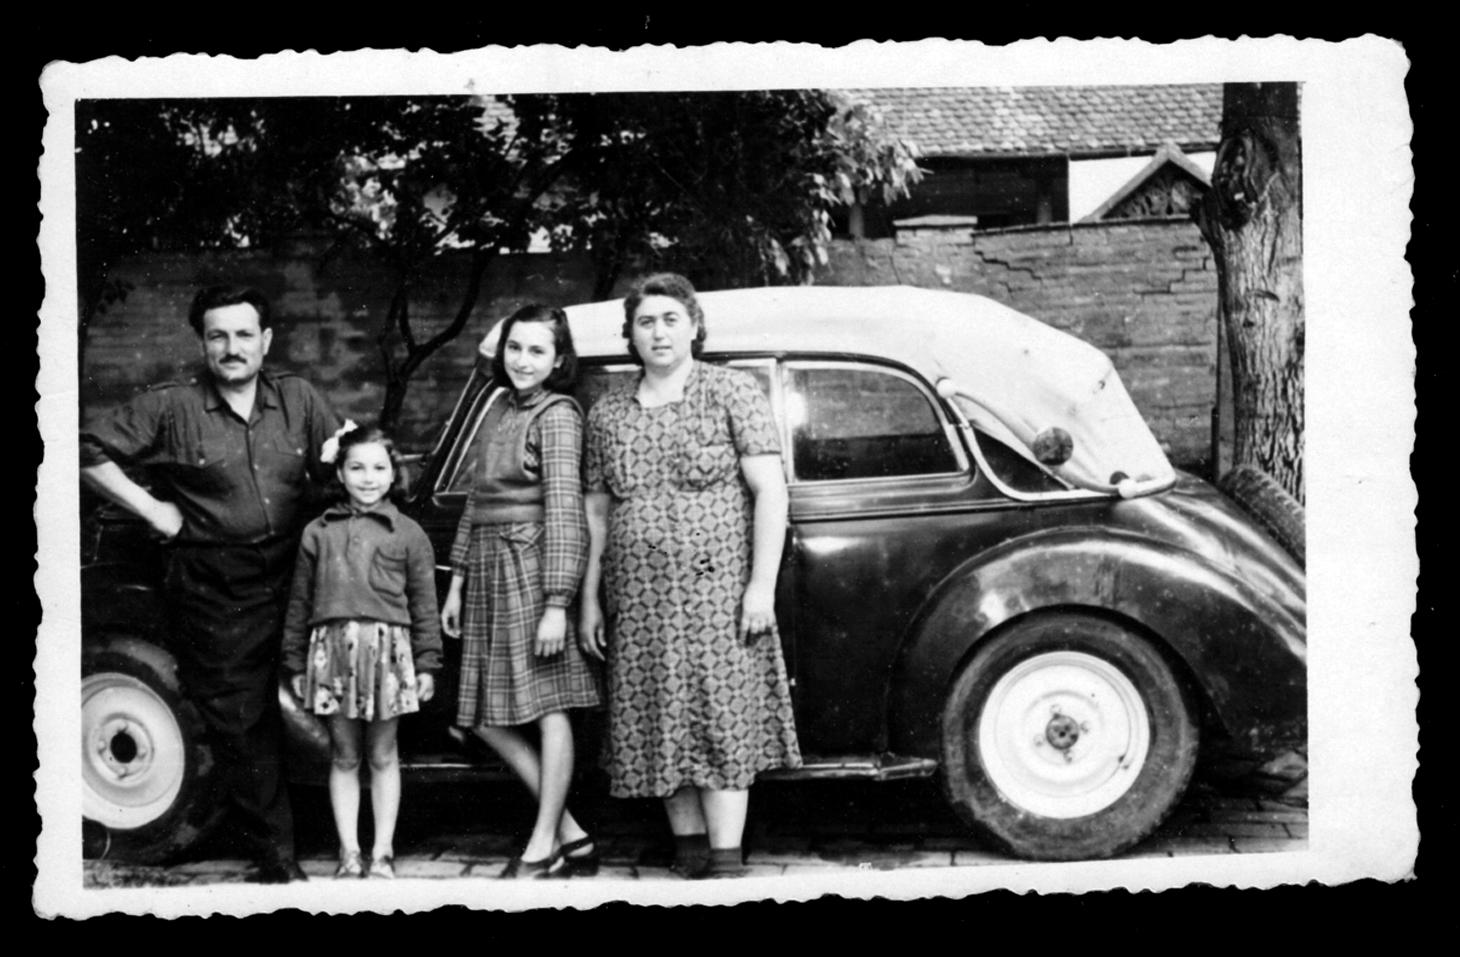 Da sinistra a destra Petar, Olga, Milanka e Spasenija, anni cinquanta. Foto archivio Aleksandar Zograf